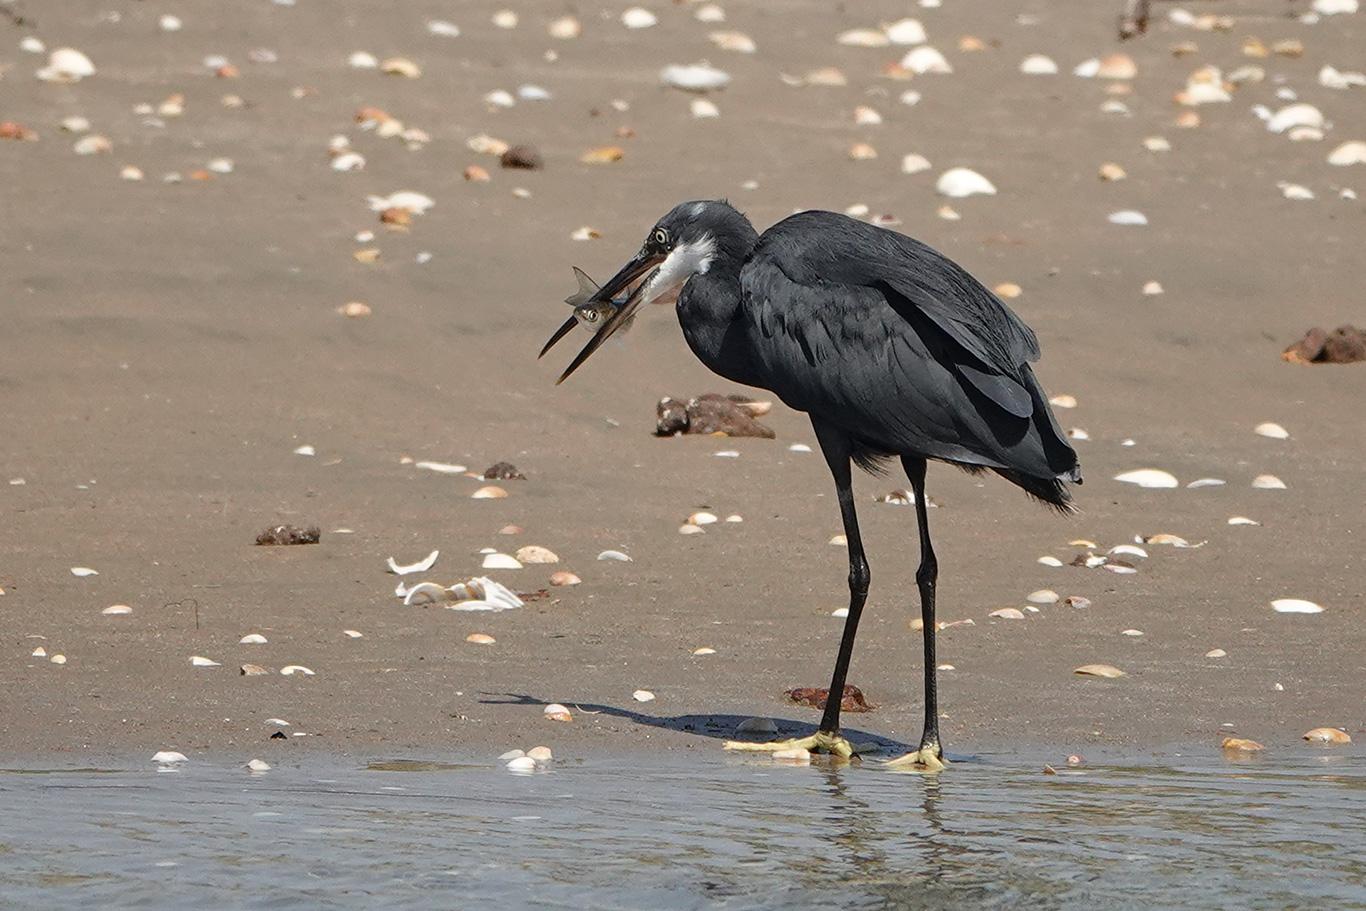 Western Reef Heron, Kartong, The Gambia.